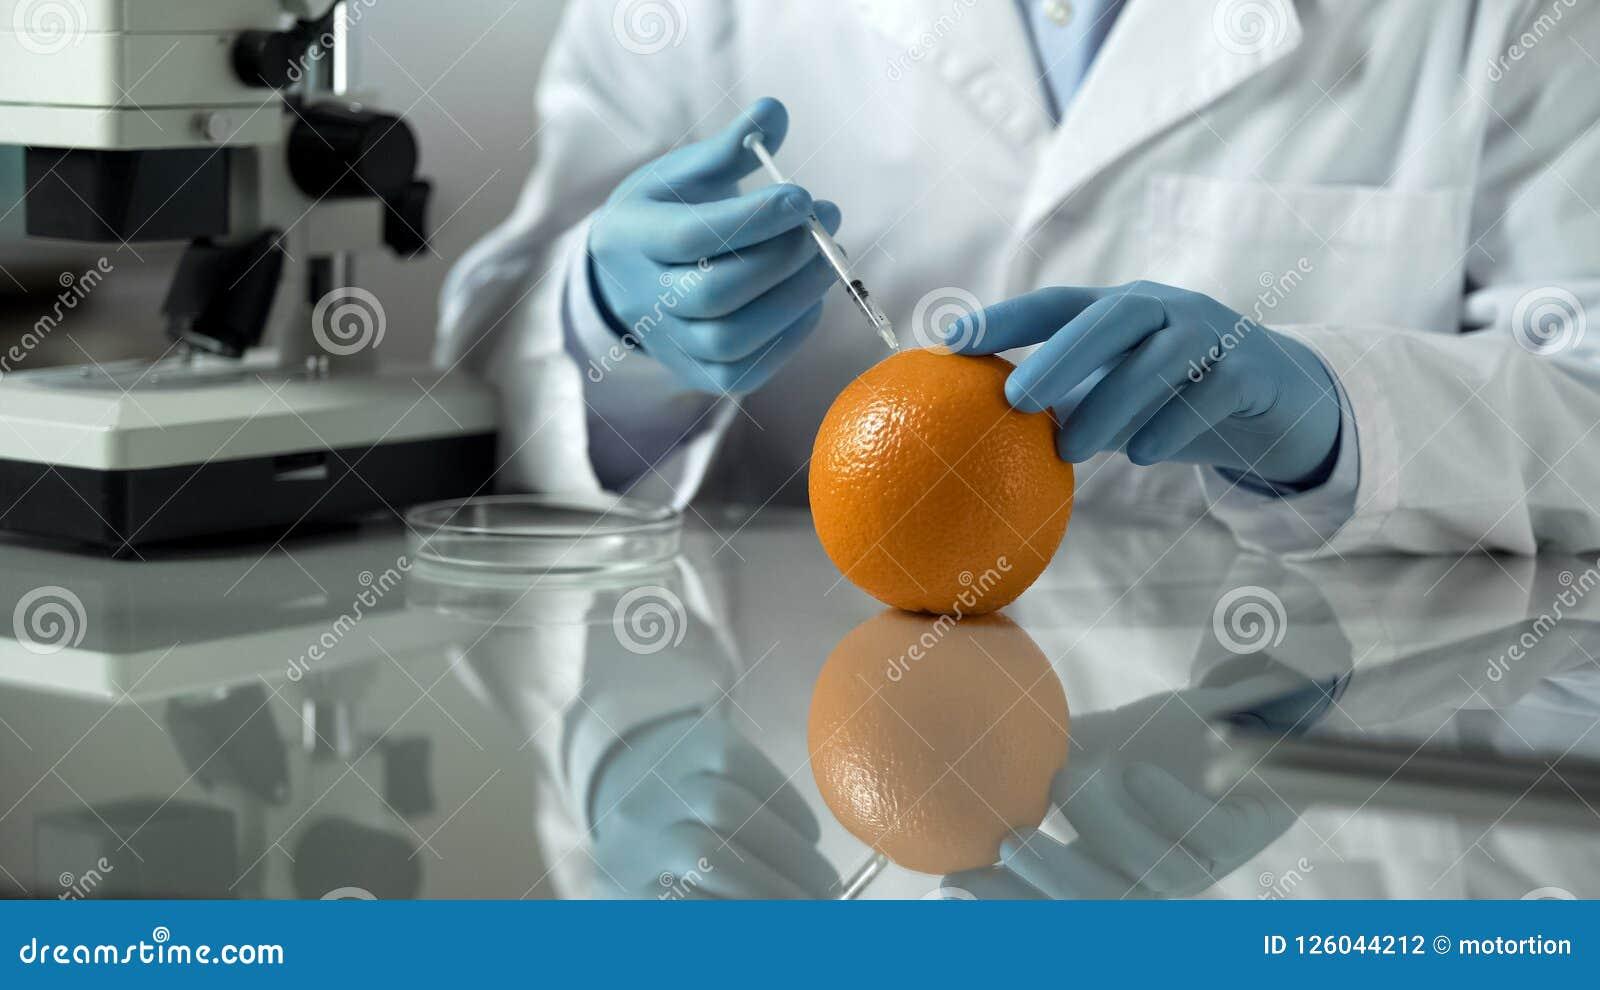 Naukowa narządzania celulitisów ekstrakt od pomarańczowej łupy, kosmetyczny laboratorium